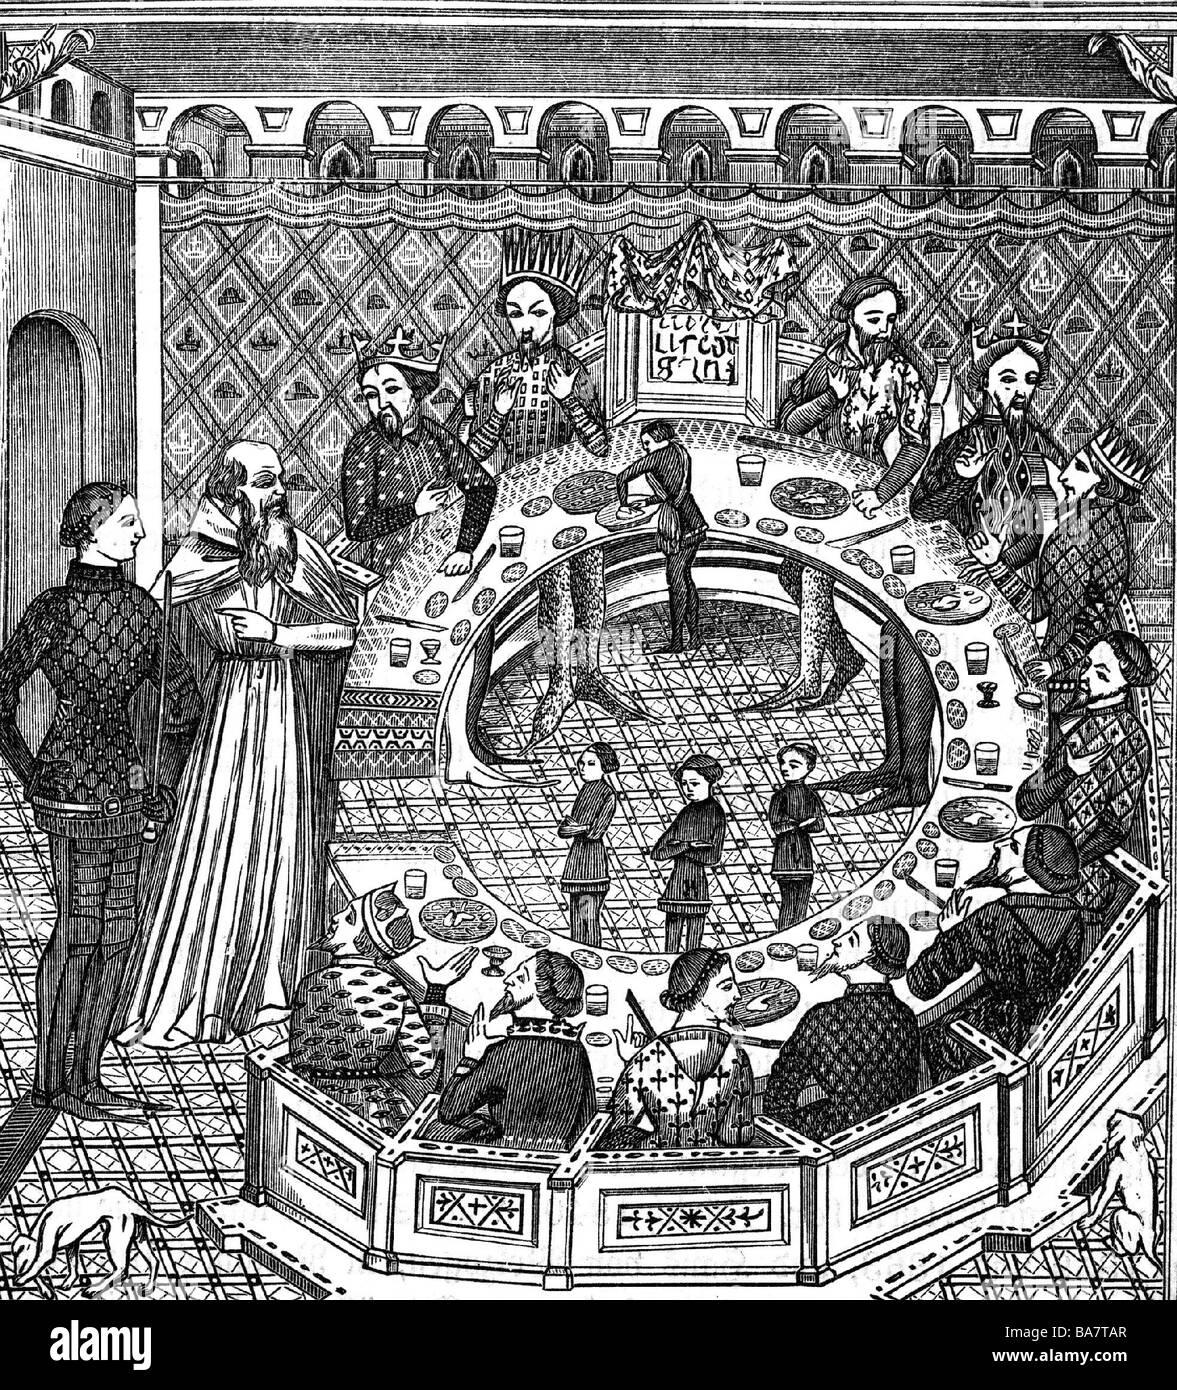 Arthur, légendaire roi britannique, vers 500 après J.-C., lors de la Table ronde, gravure sur bois, 19e Photo Stock